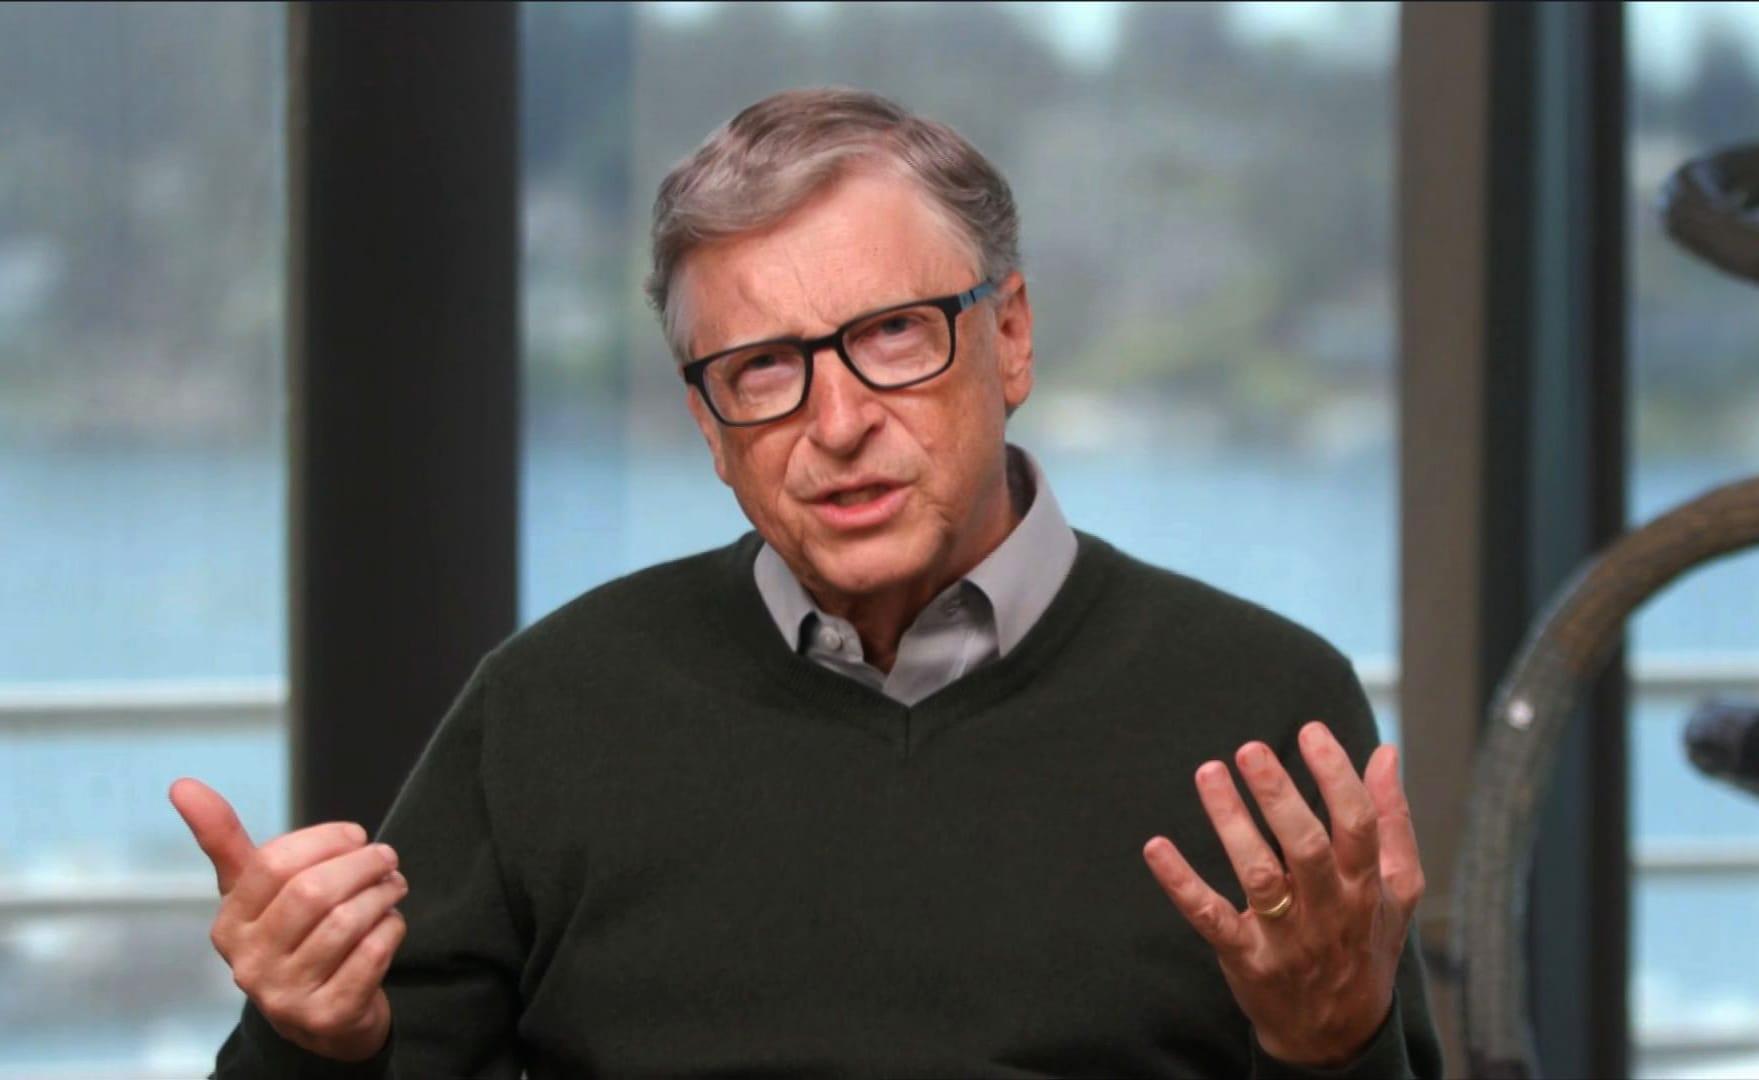 Va fi cele mai costisitor divorț din istorie. Câte sute de milioane de dolari va plătit Gates ca să-și recapete libertatea?